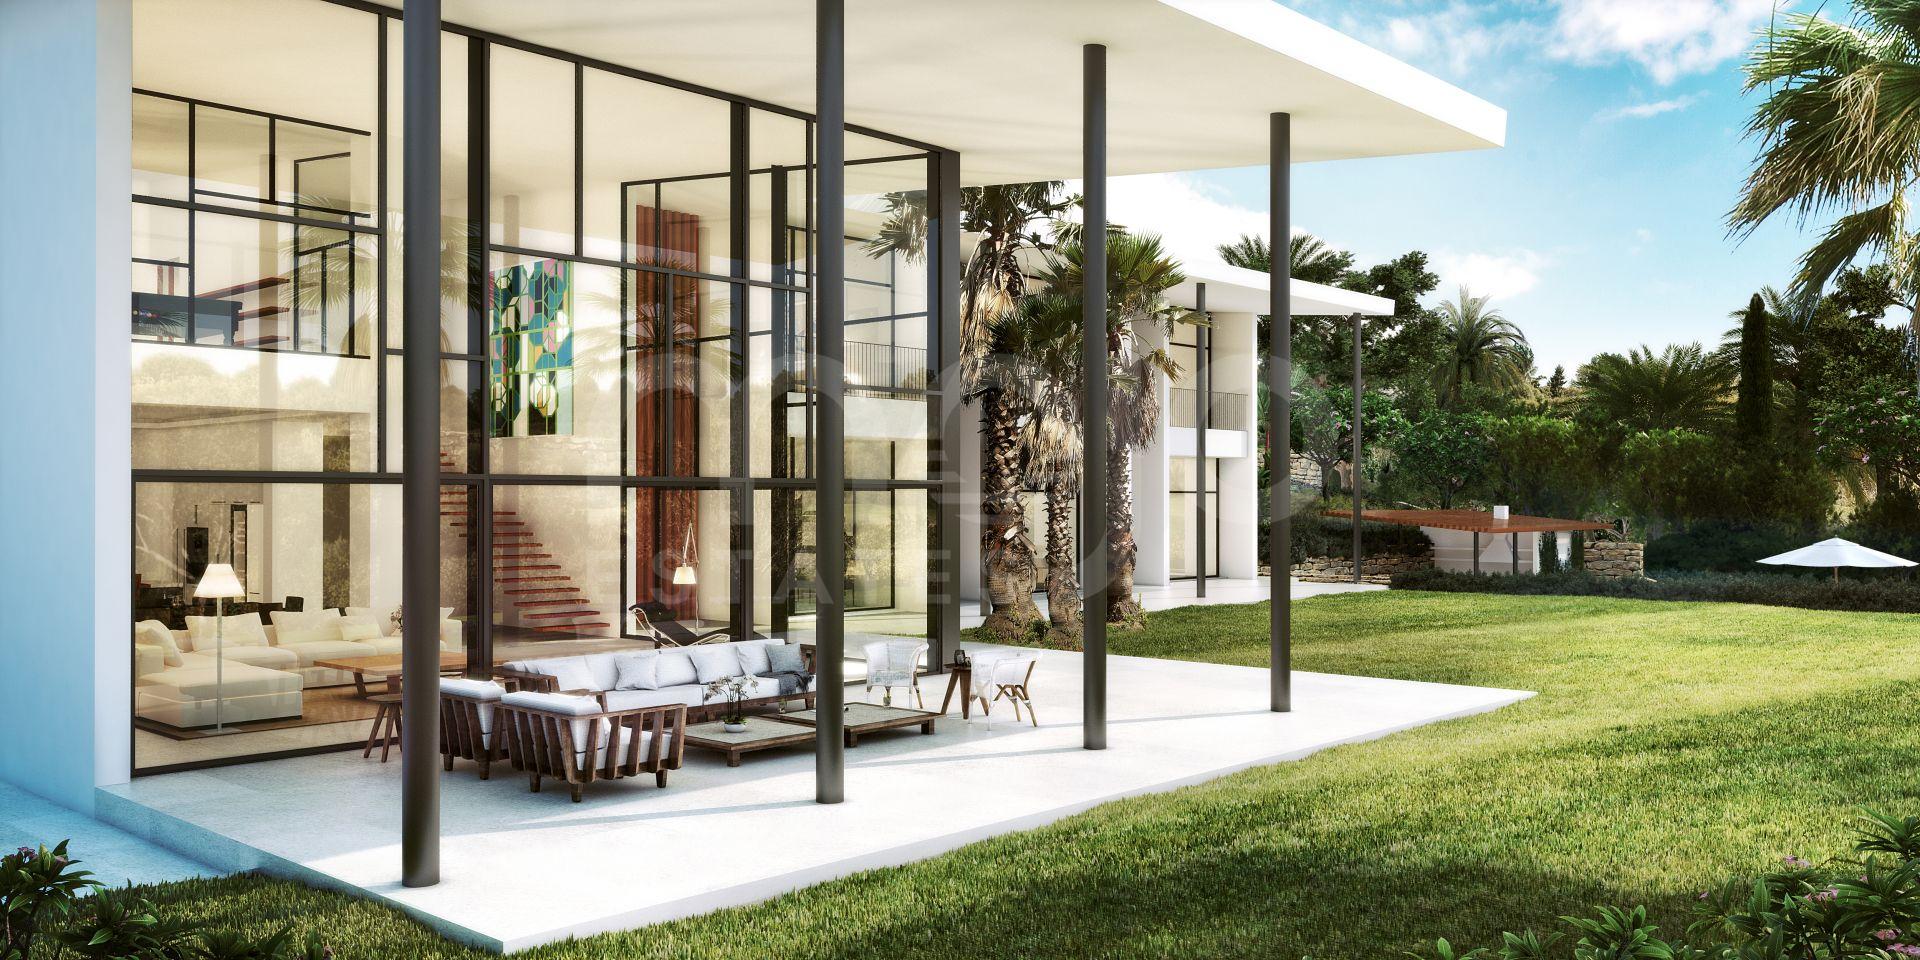 Villa en vente à Finca Cortesin, Casares